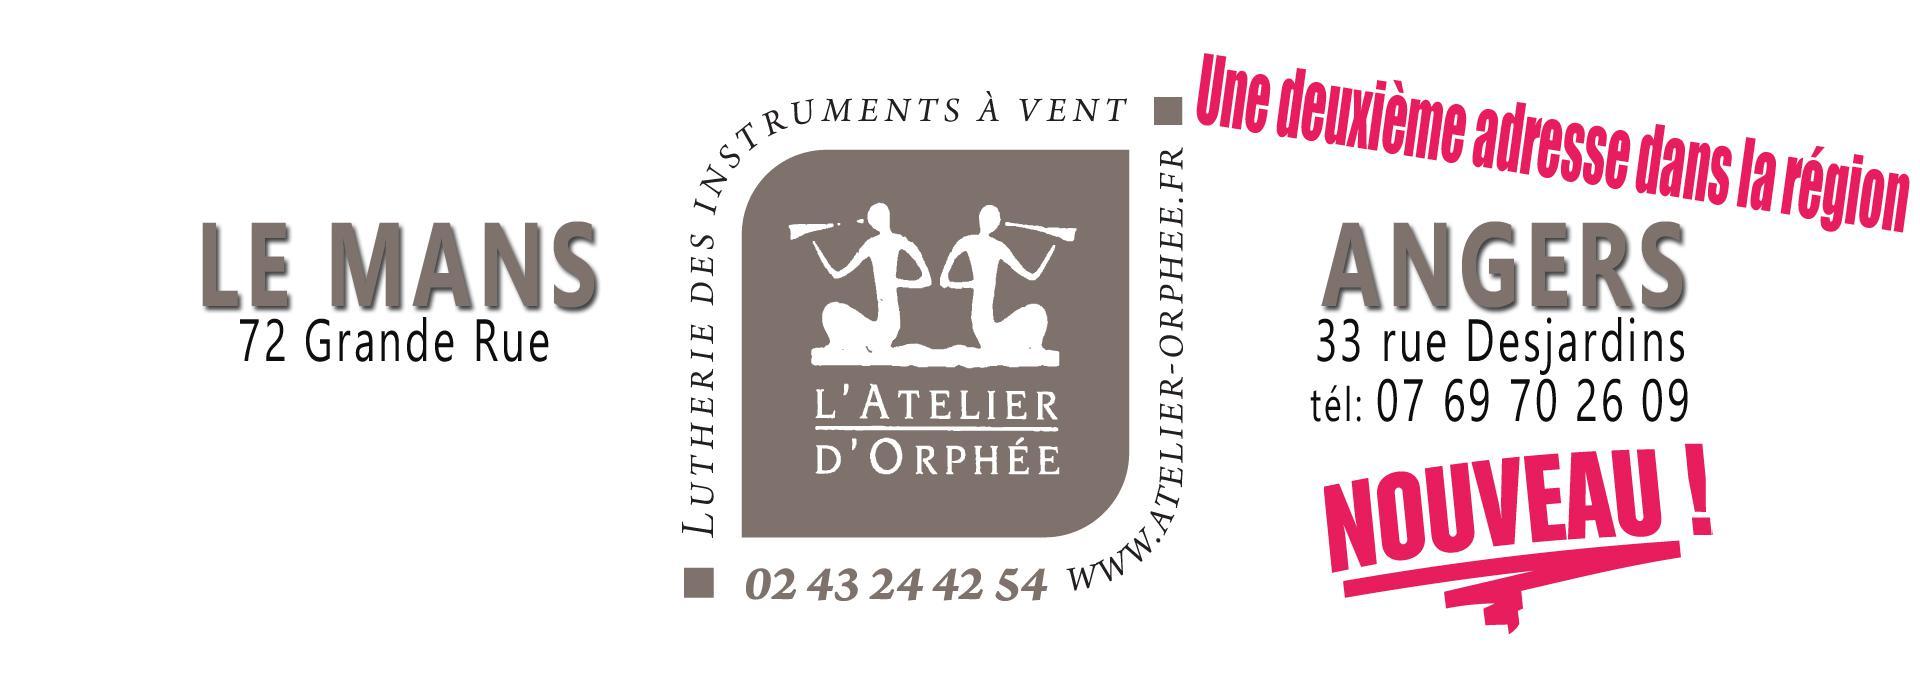 Atelier d'orphée atelier instruments à vent Angers